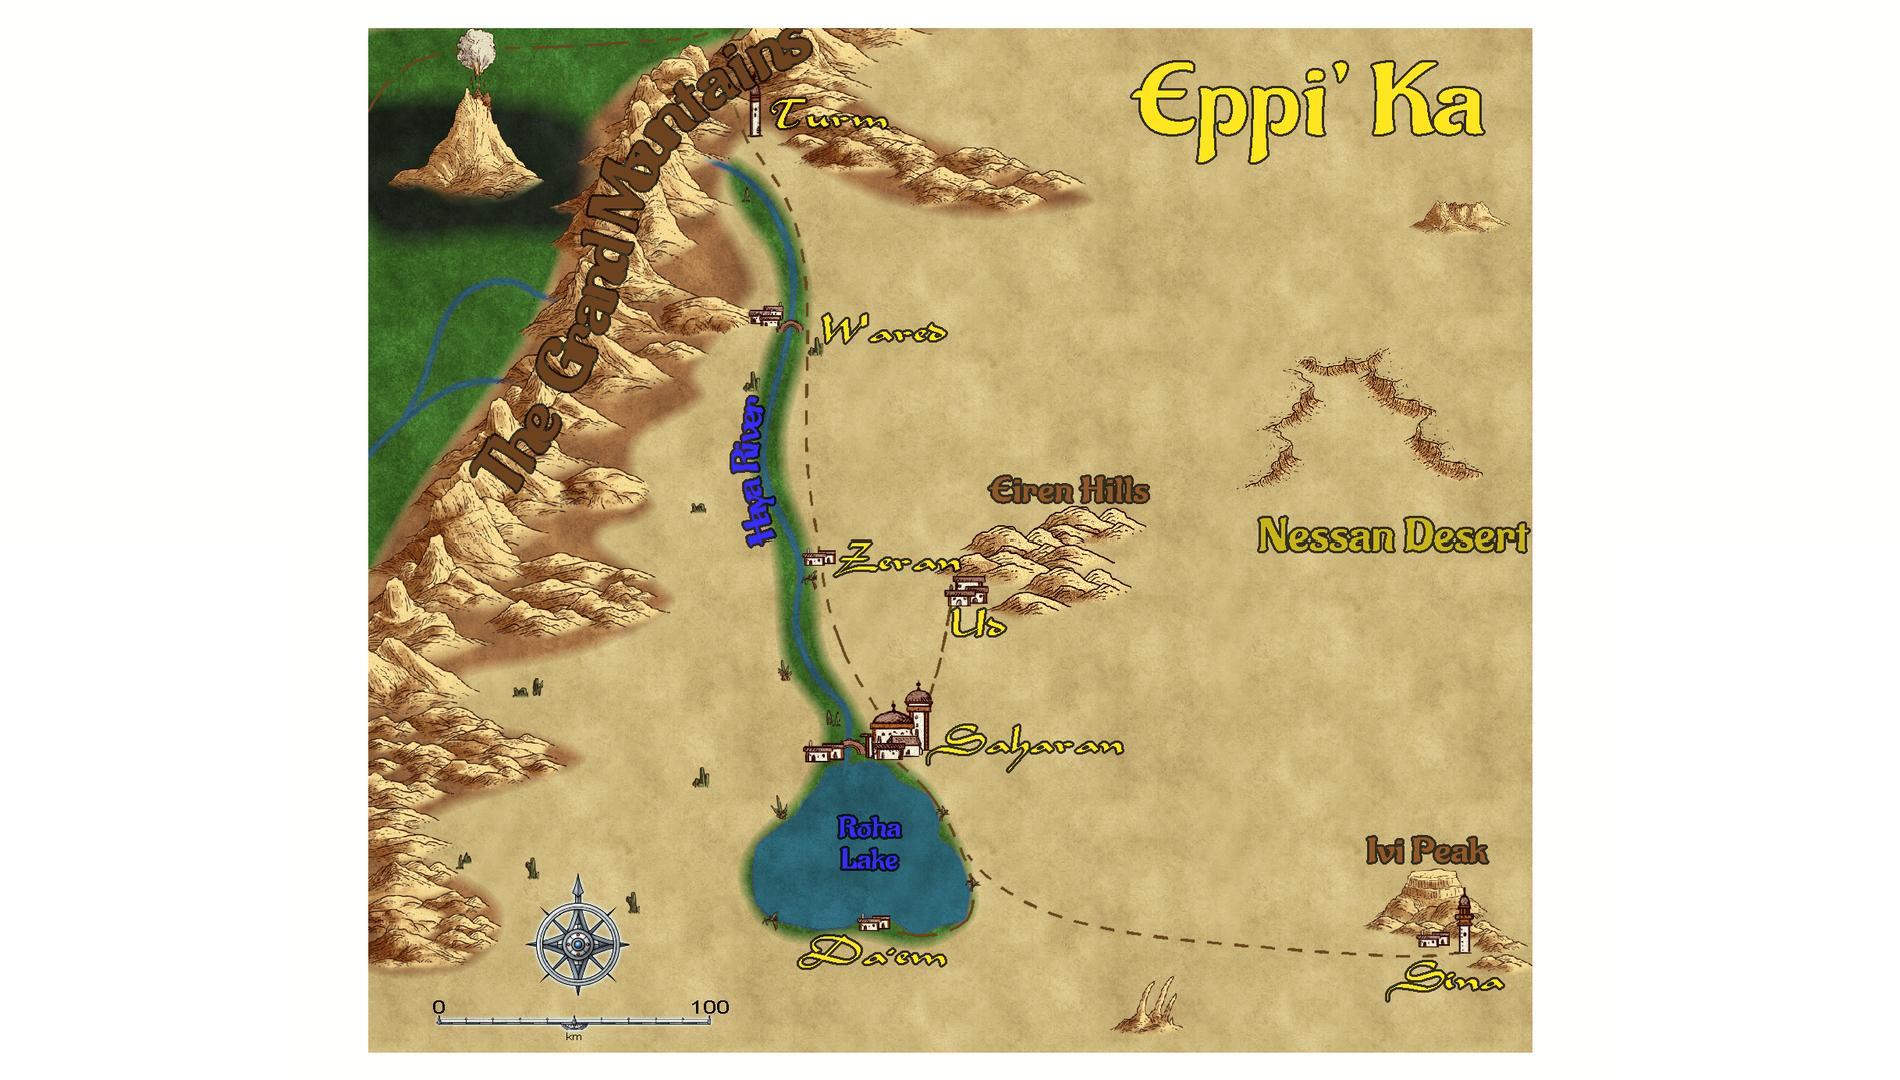 Eppi Ka.JPG